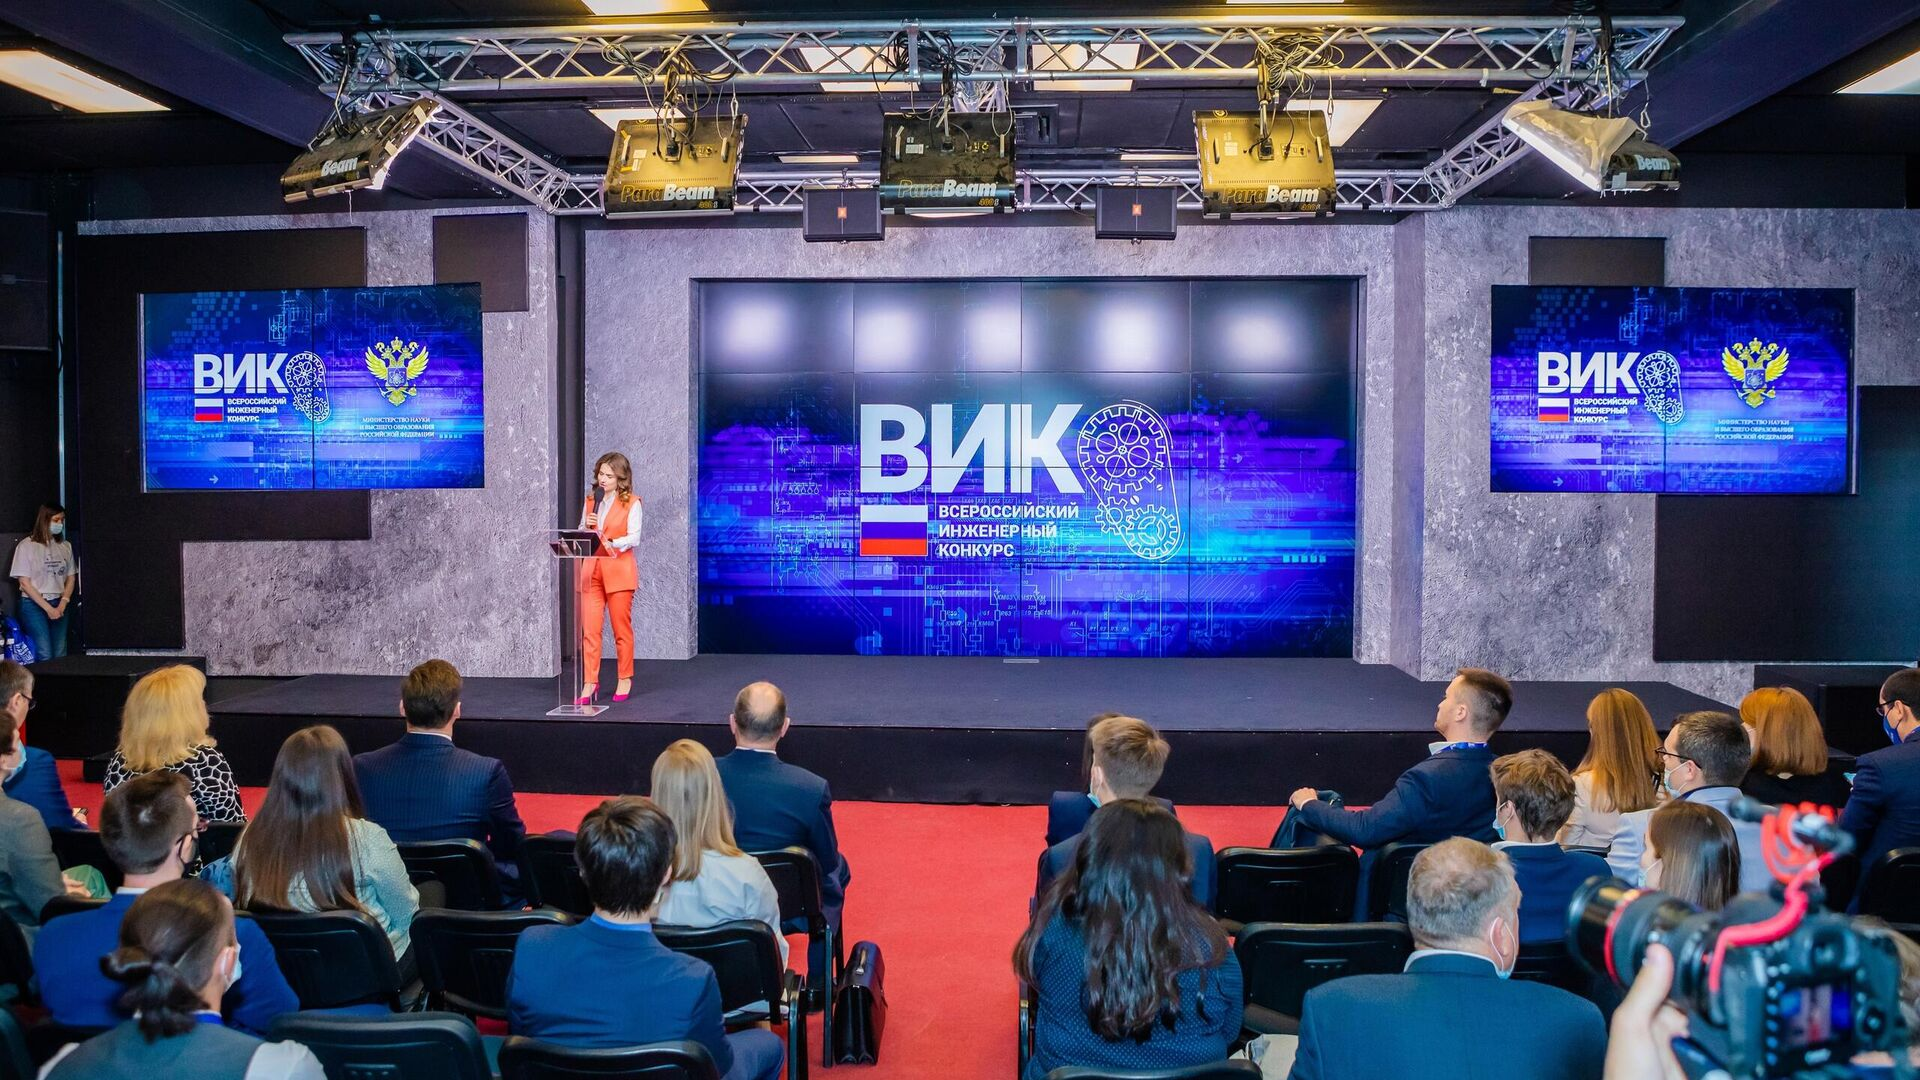 Всероссийский инженерный конкурс (ВИК) 2020/2021  - РИА Новости, 1920, 01.10.2021